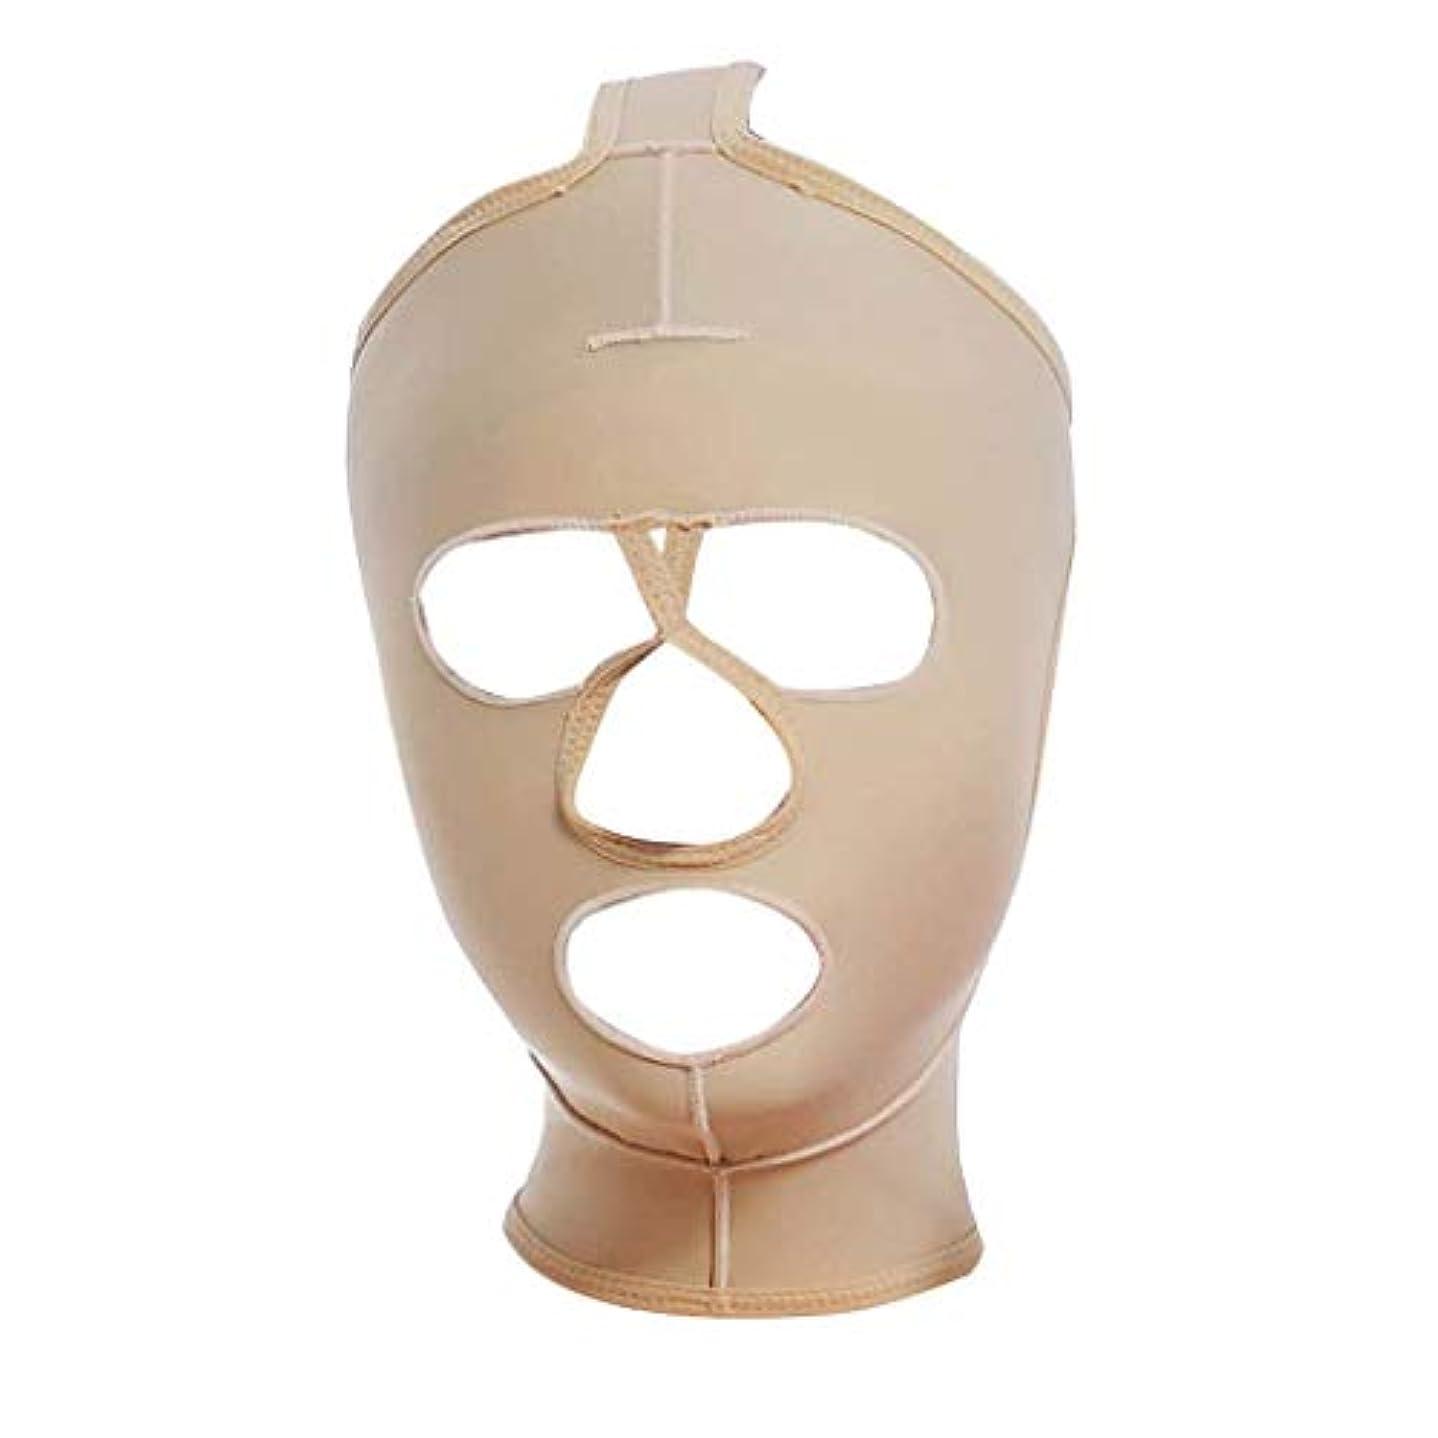 ご飯ブロー比率フェイス&ネックリフト、減量フェイスマスク脂肪吸引術脂肪吸引術整形マスクフードフェイスリフティングアーティファクトVフェイスビームフェイス弾性スリーブ(サイズ:XXL),M